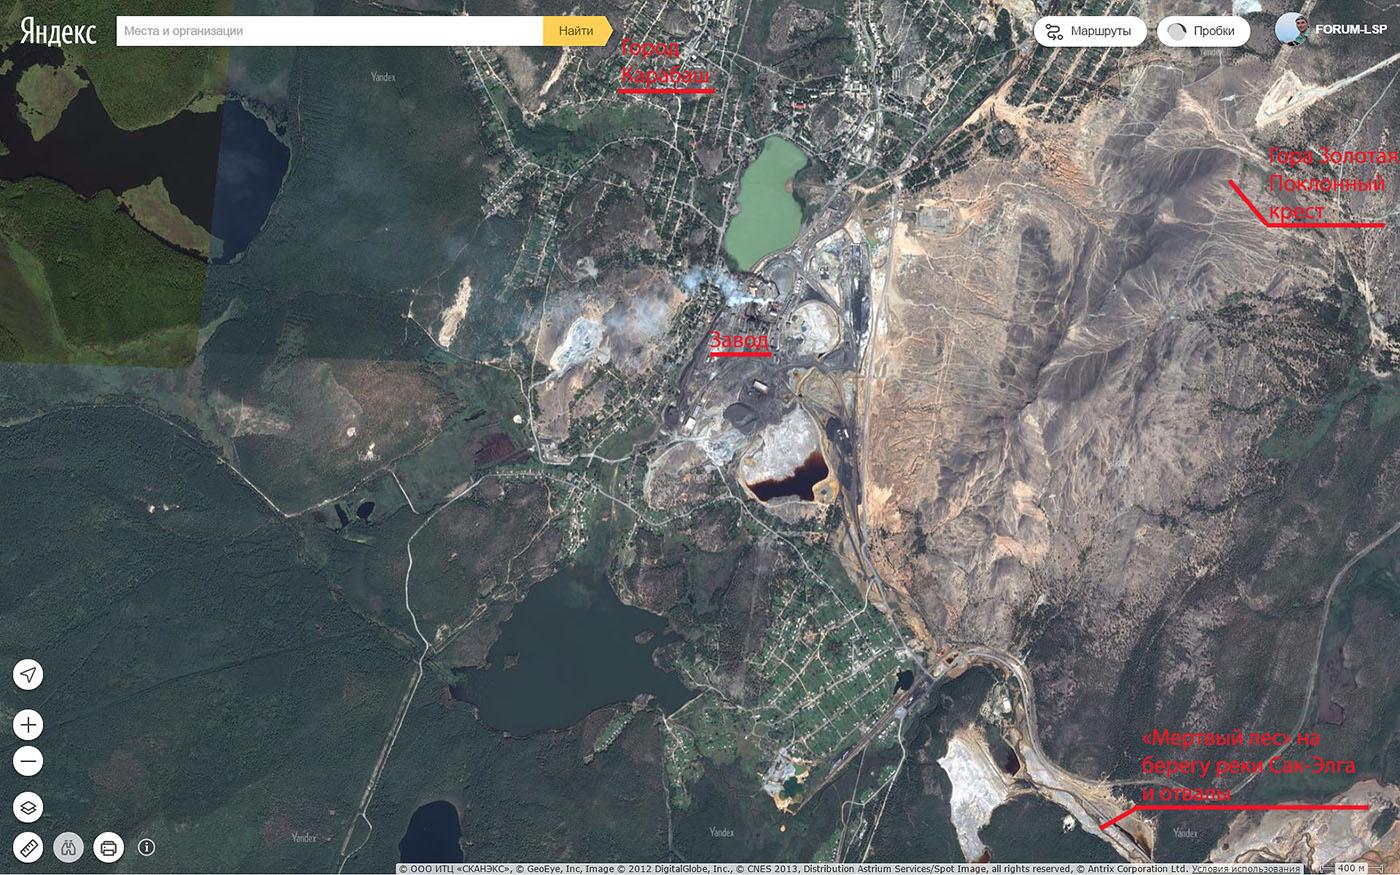 1. Вид на город Карабаш Челябинской области и его окрестности со спутника.  Карта расположения и окрестности.